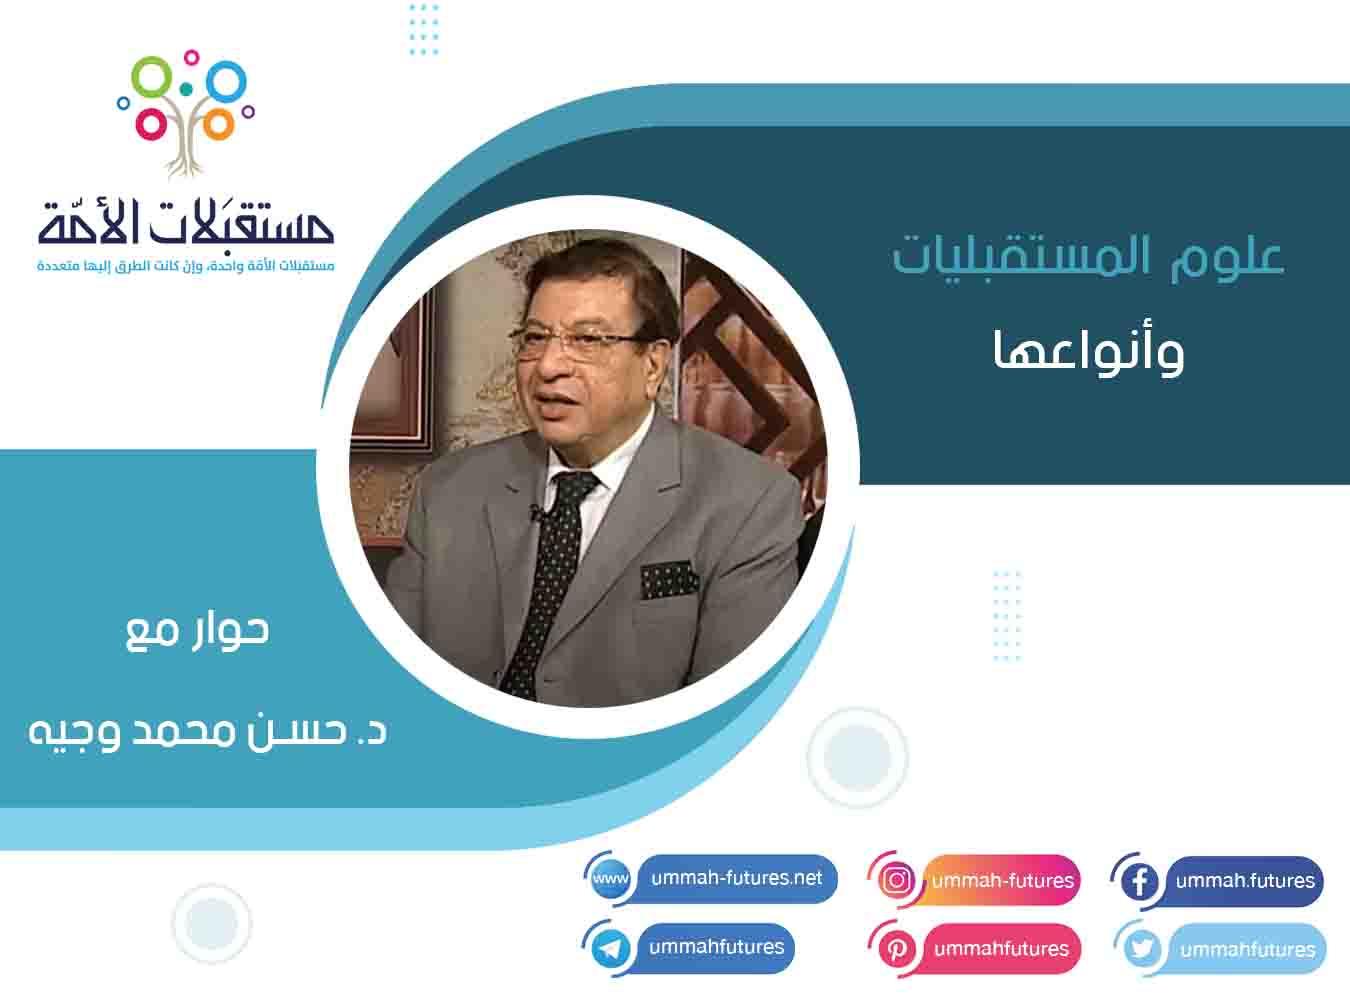 علوم المستقبليات وأنواعها   حوار مع الدكتور حسن محمد وجيه